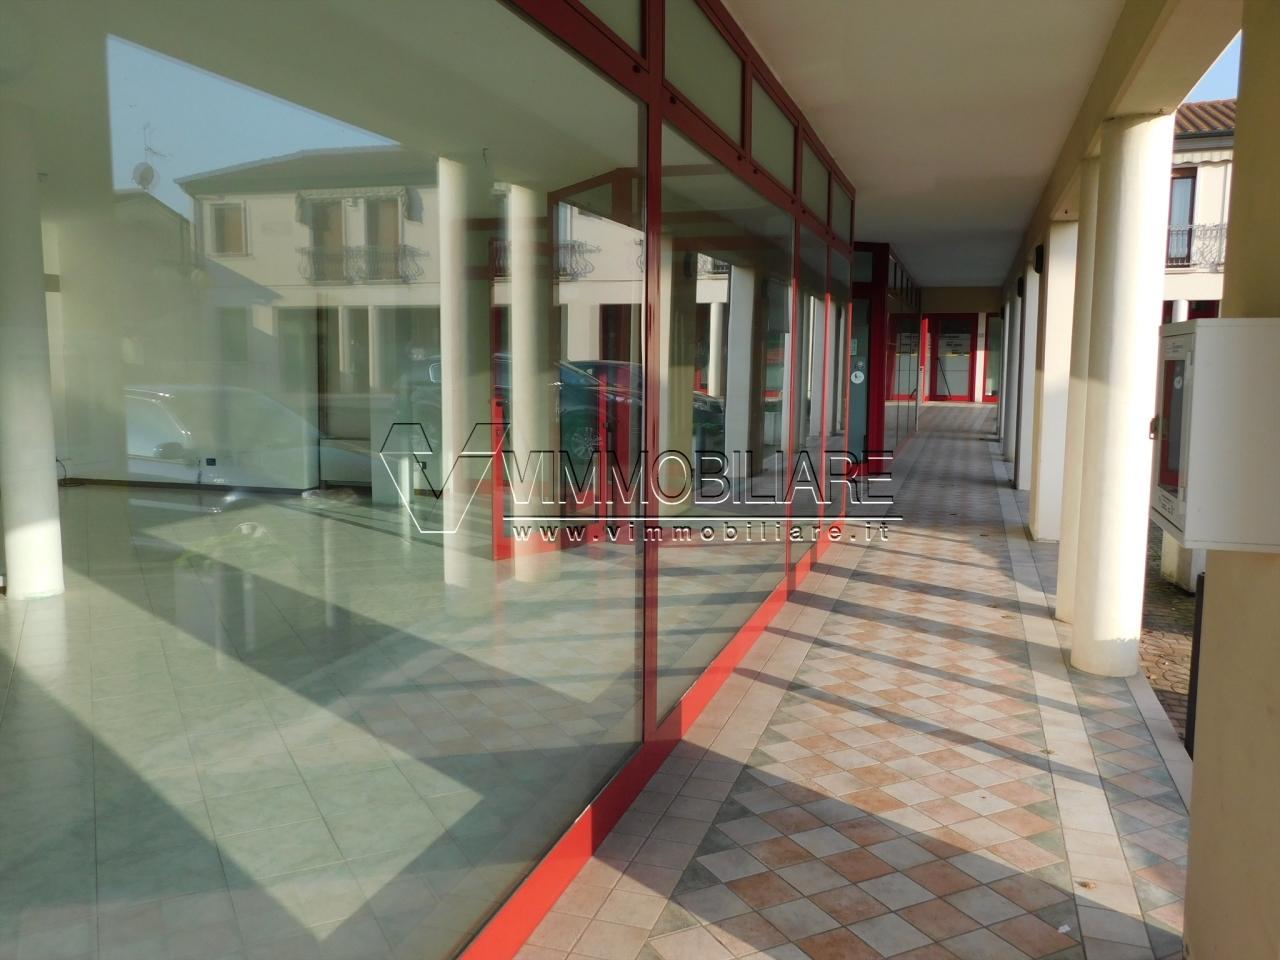 Locale commerciale - Oltre 3 vetrine a Pojana Maggiore - Centro, Pojana Maggiore Rif. 9418817